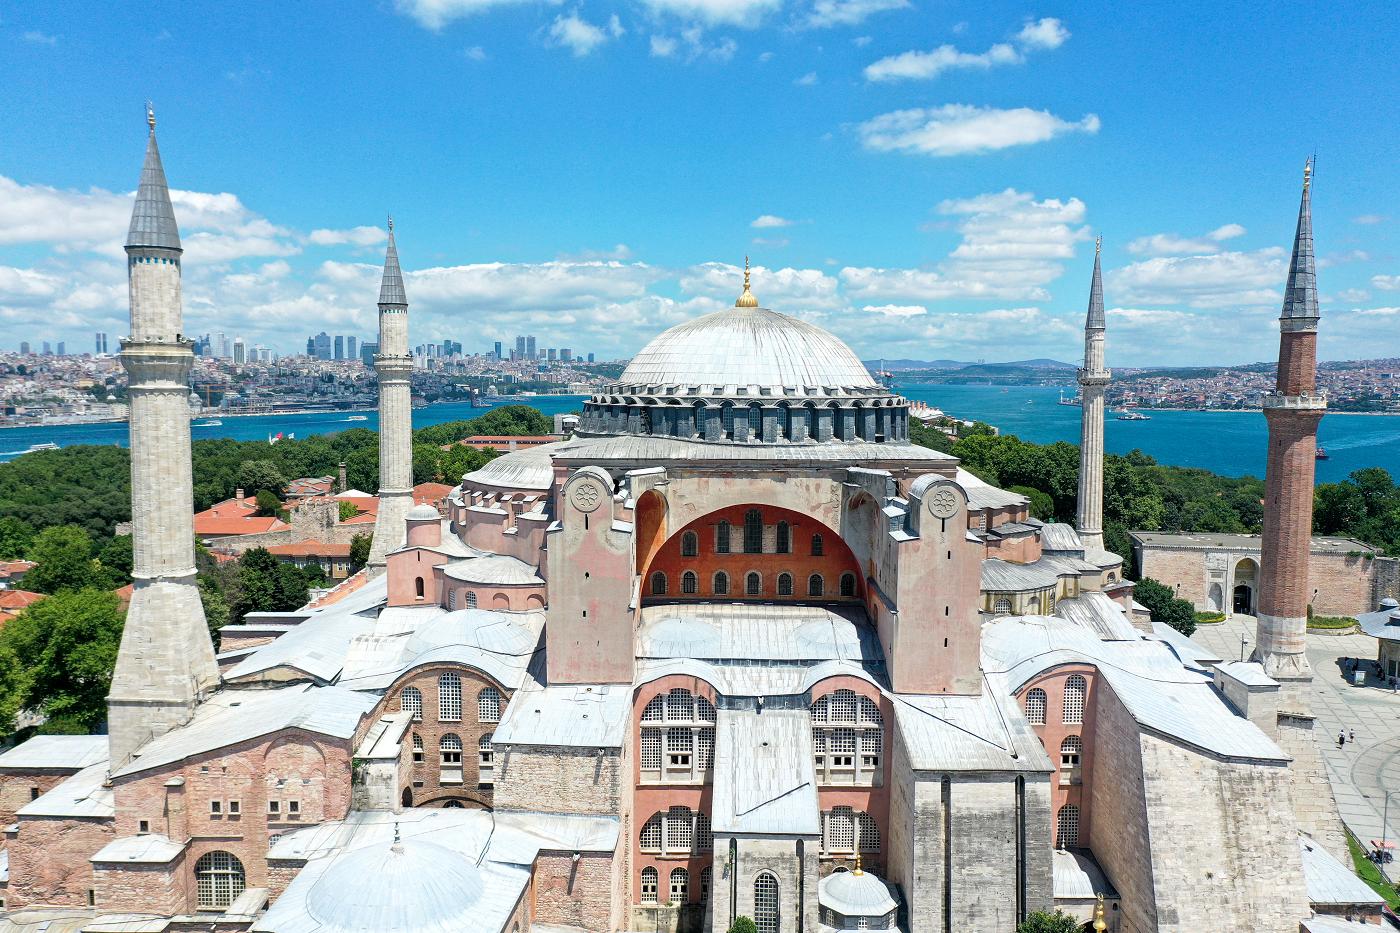 خمسة أسئلة: مسجد آيا صوفيا الكبير الشريف.. استرداد حق